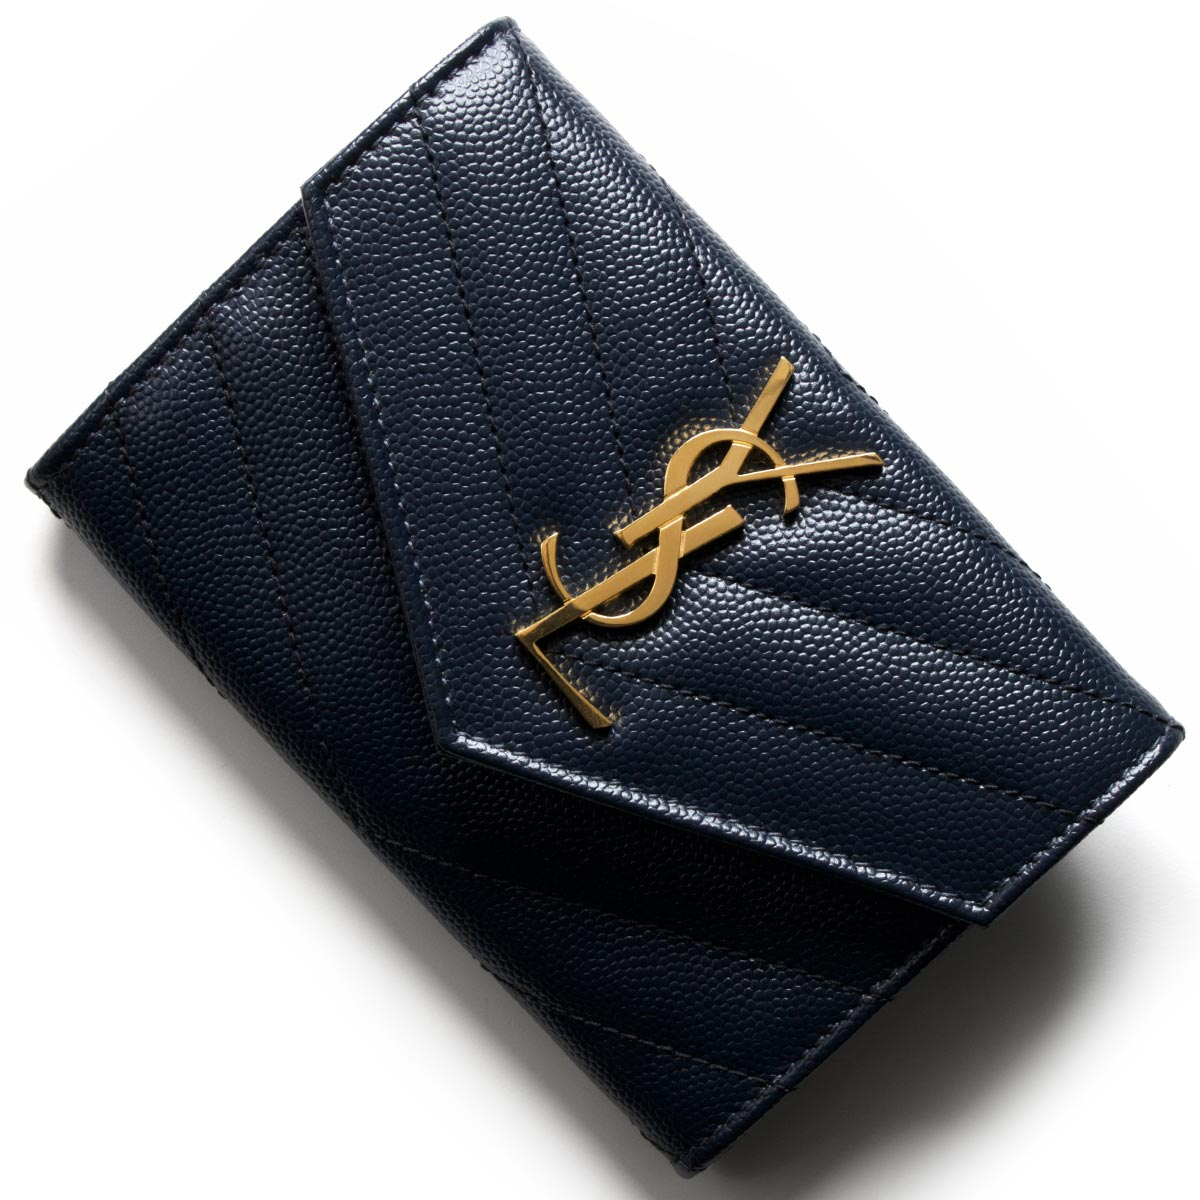 サンローランパリ イヴサンローラン カードケース/名刺入れ レディース モノグラム YSL ダークブルー 414404 BOW01 4128 SAINT LAURENT PARIS